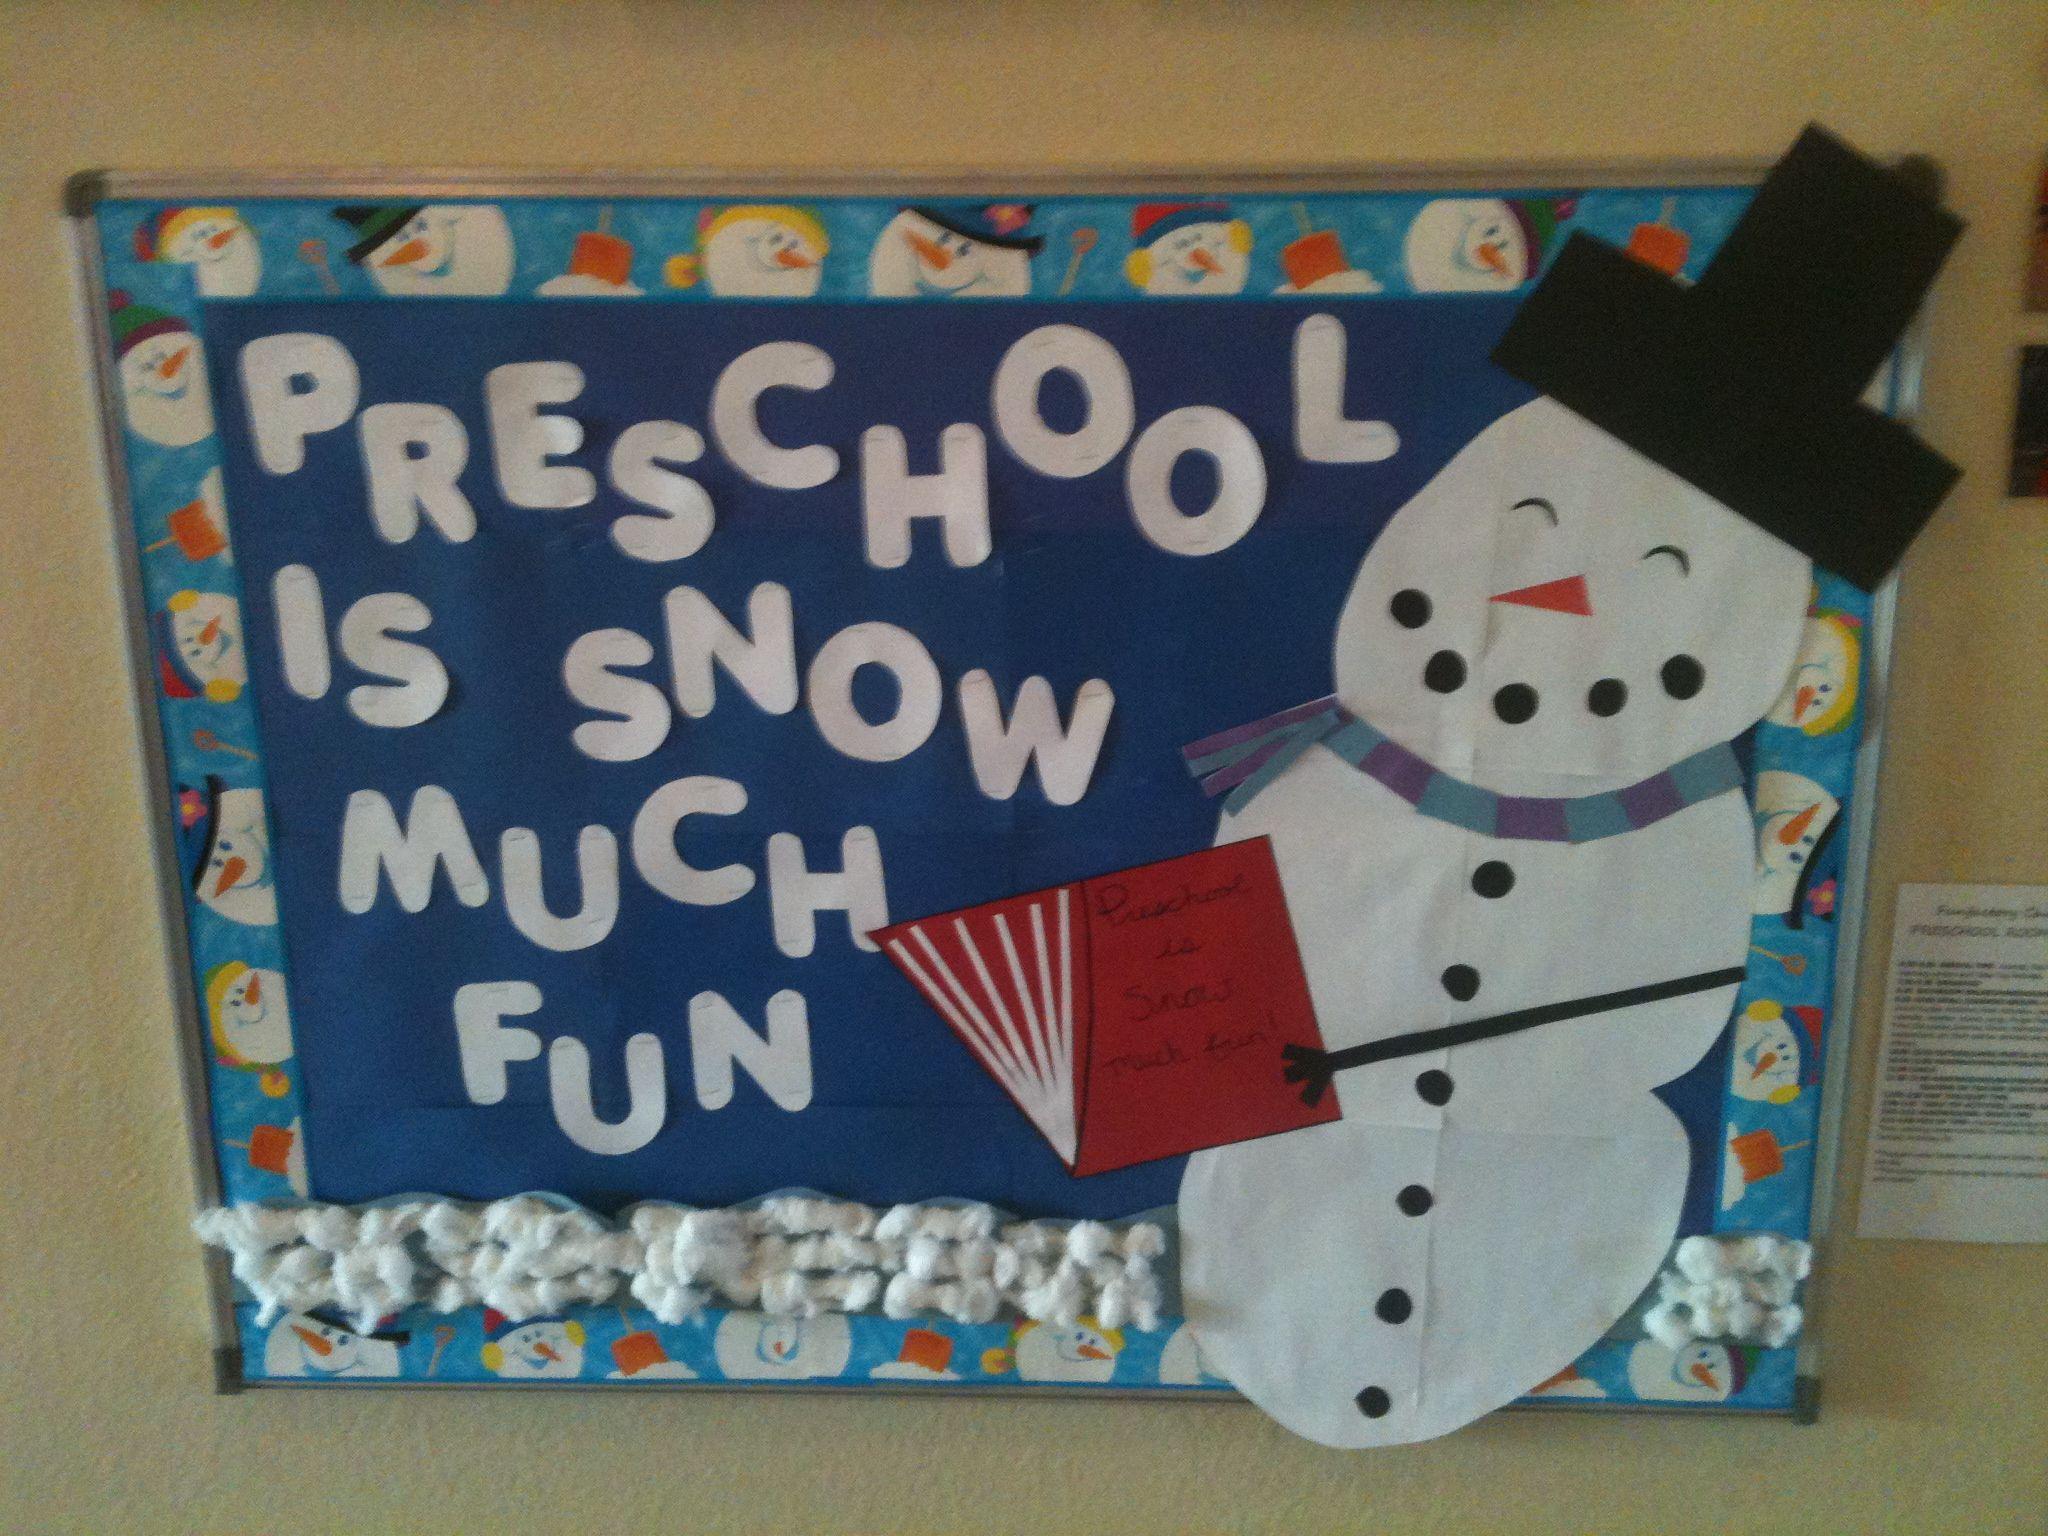 Preschool Is Snow Much Fun